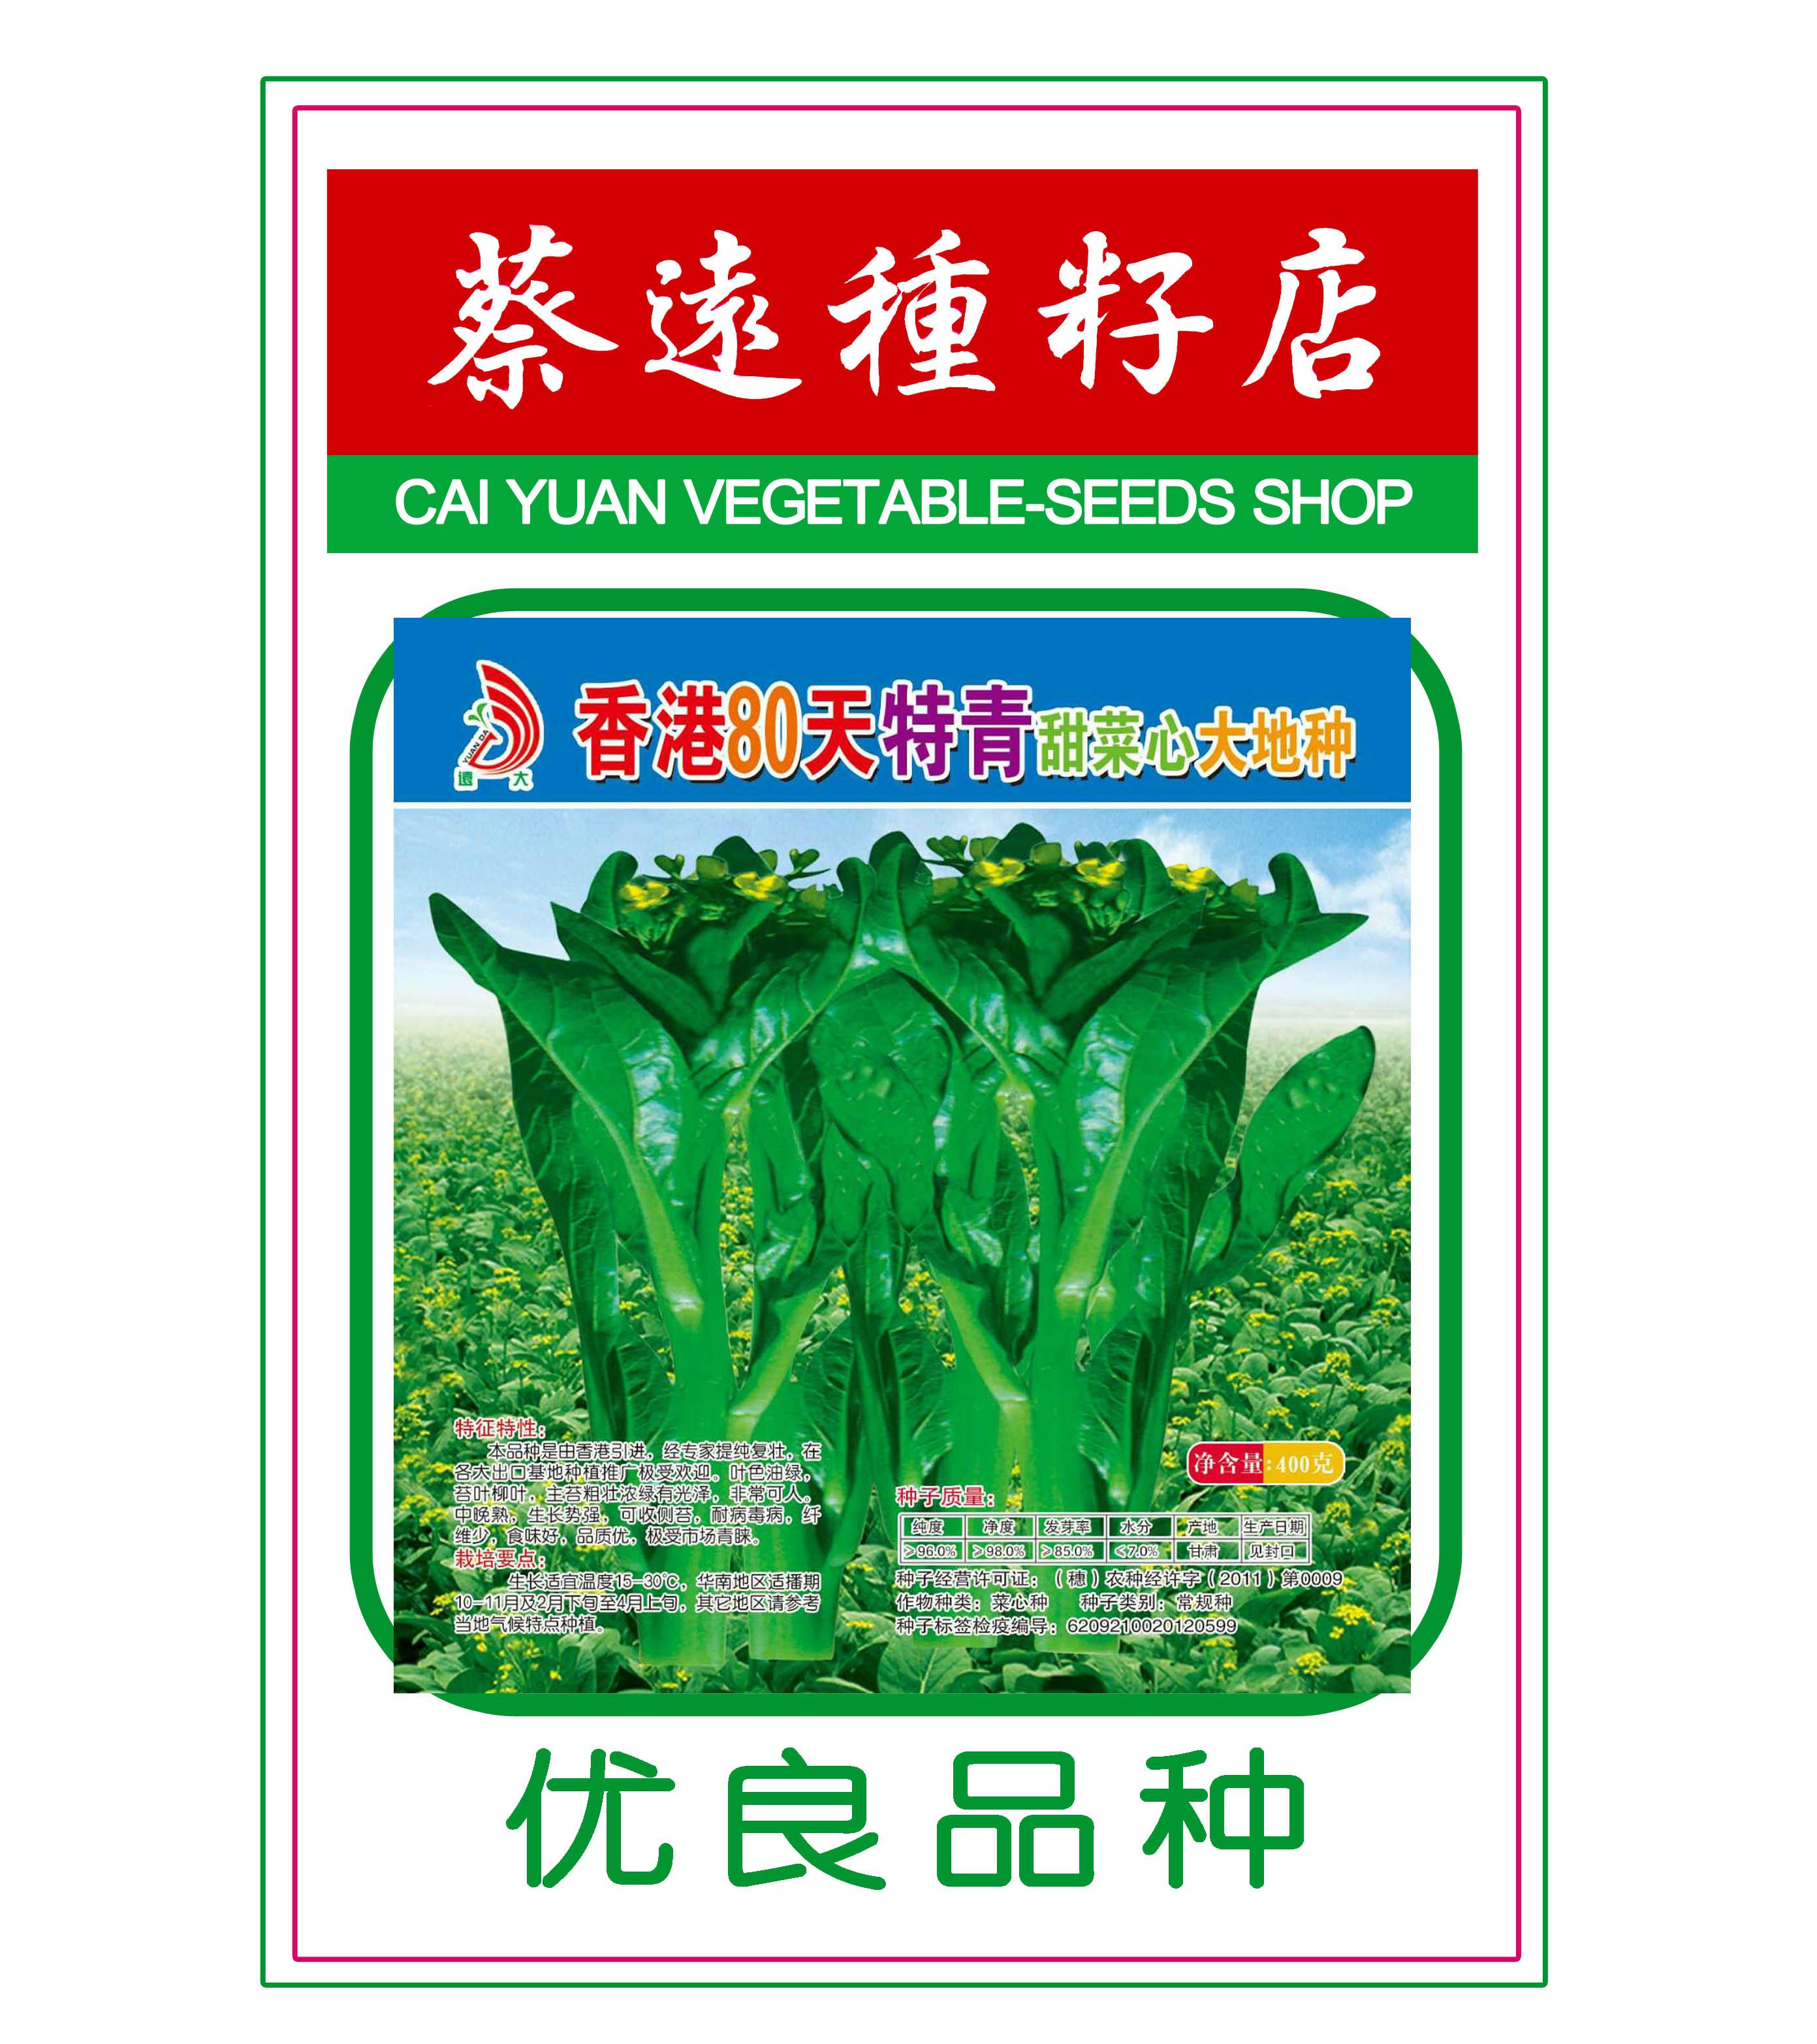 香港80天特青甜菜心大地种400g